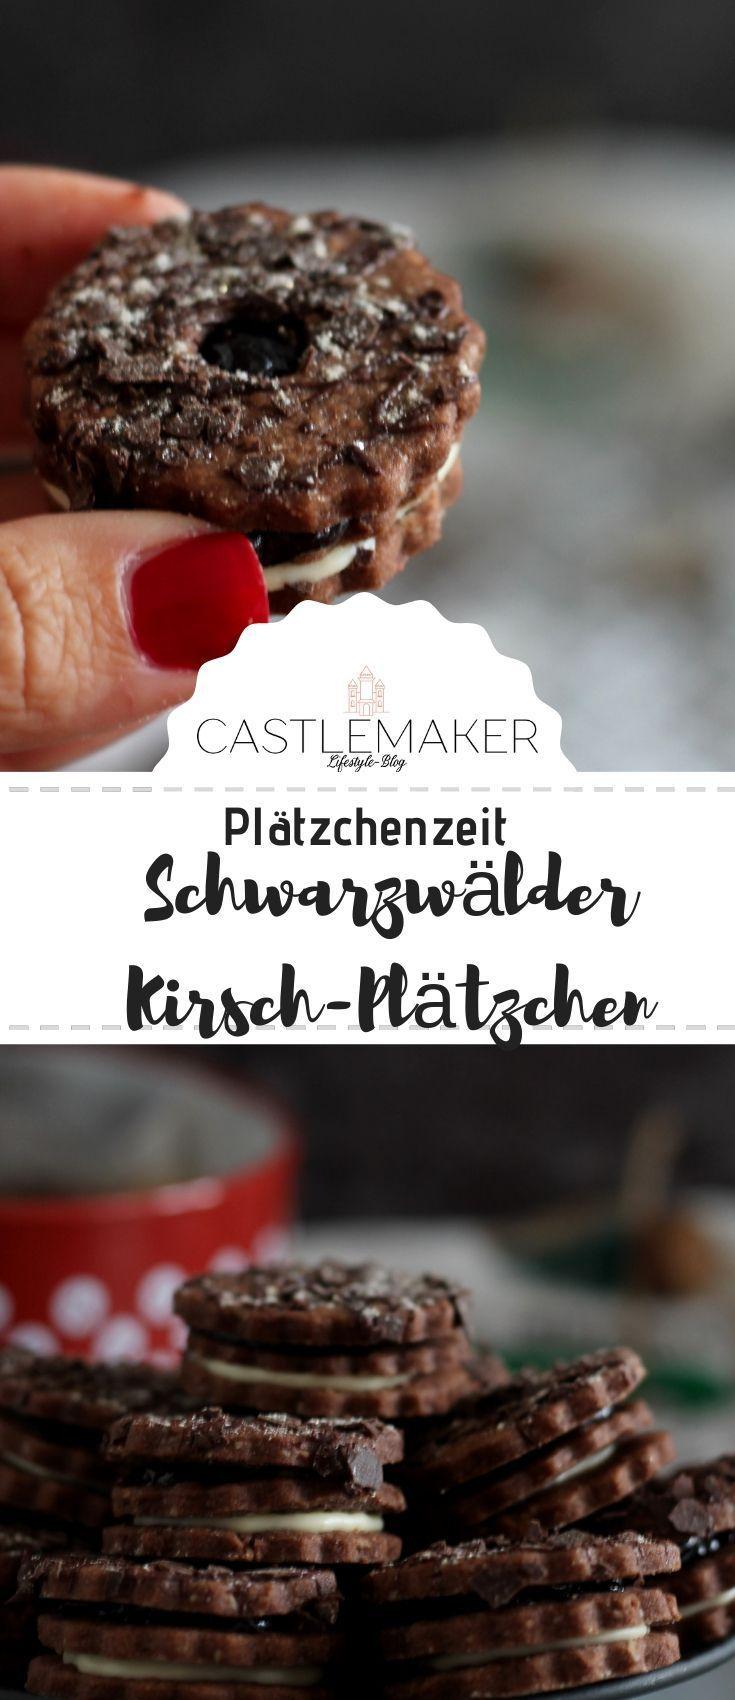 Black Forest Cherry Cookies - Köstliche Schokoladenkekse mit Füllung «CASTLEMAKER Lifestyle Blog   - YUM YUM Rezepte - #Black #Blog #Castlemaker #Cherry #Cookies #Forest #Füllung #köstliche #Lifestyle #Mit #Rezepte #Schokoladenkekse #Yum